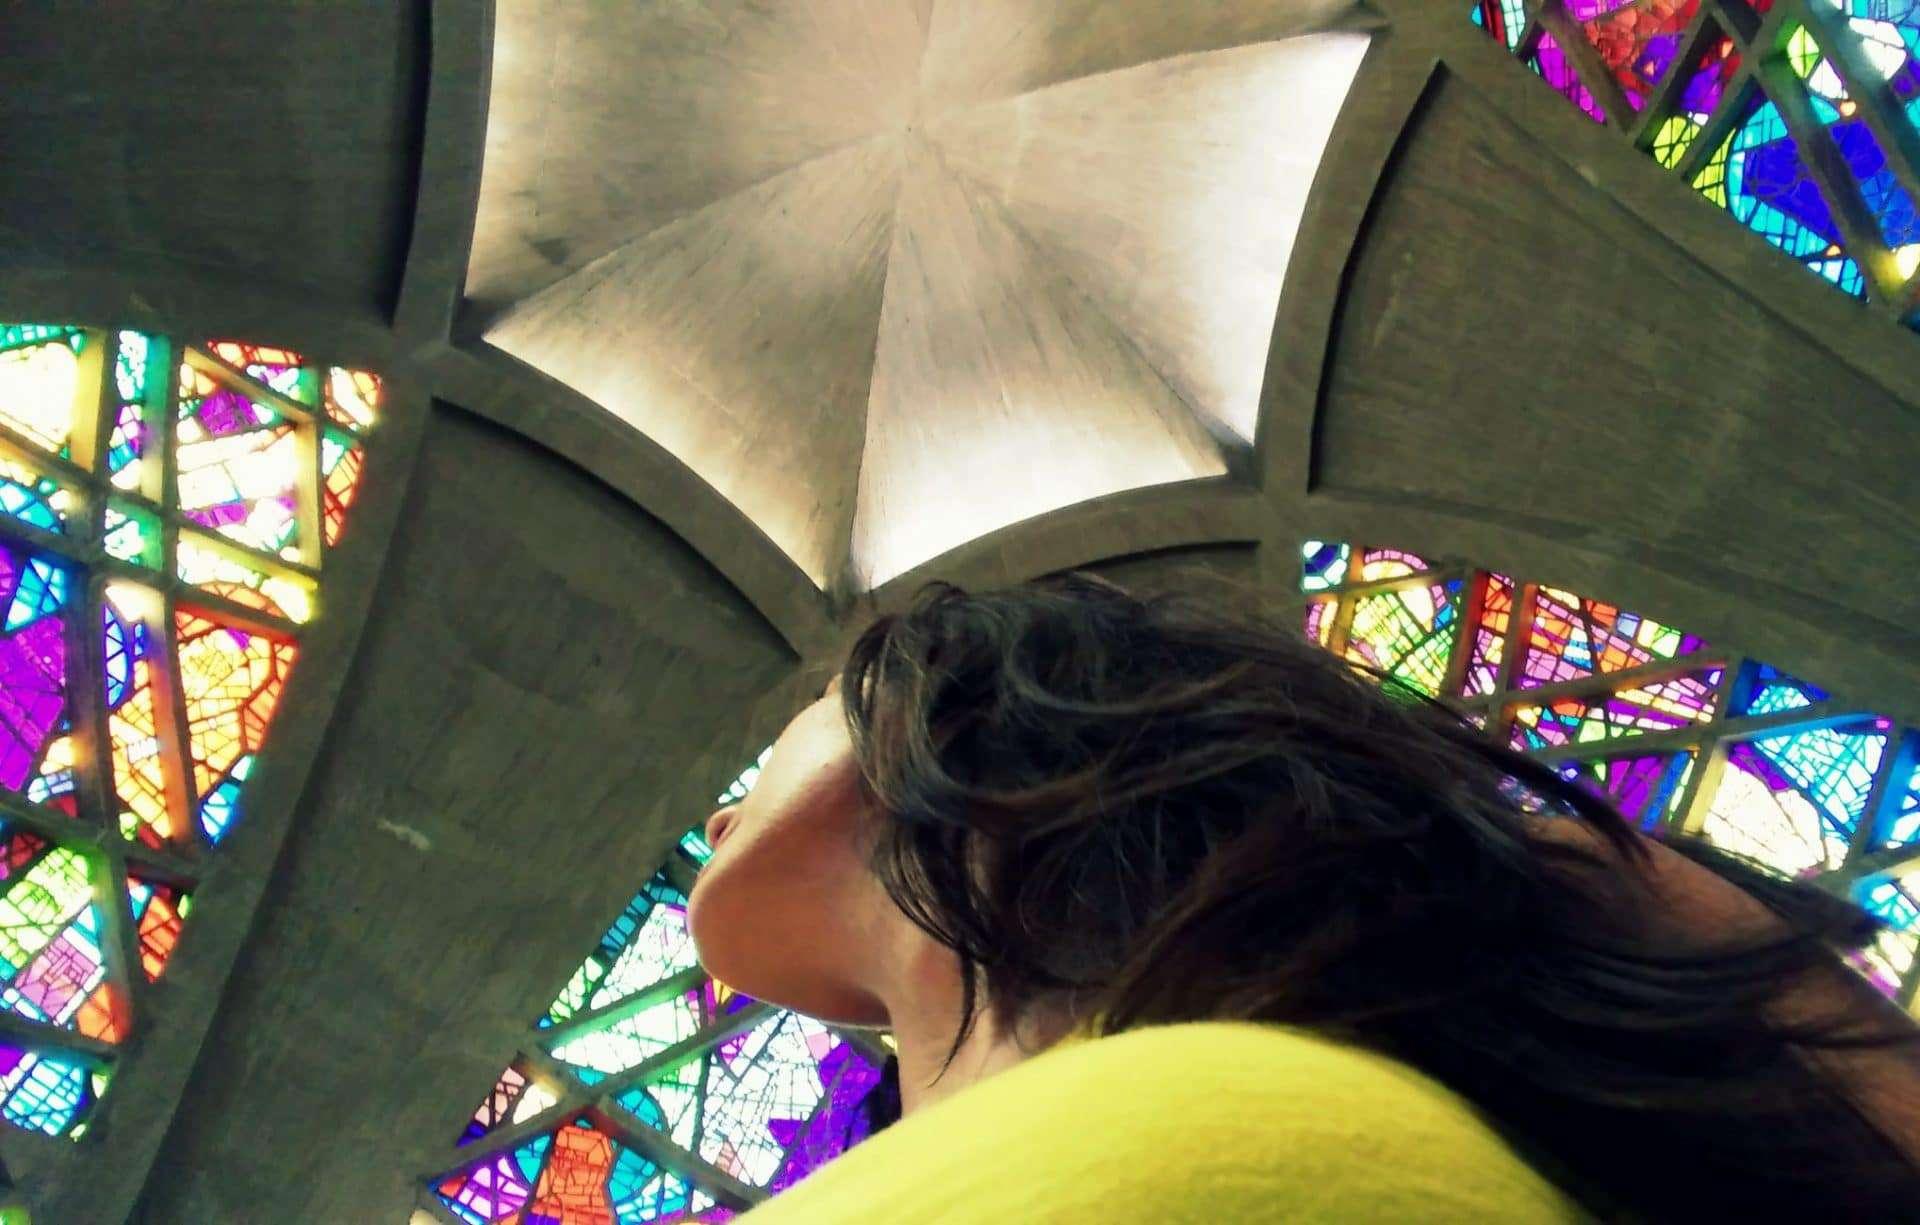 La mia visita al Santuario del Getsemani, oasi di spiritualità nel Parco nazionale del Cilento